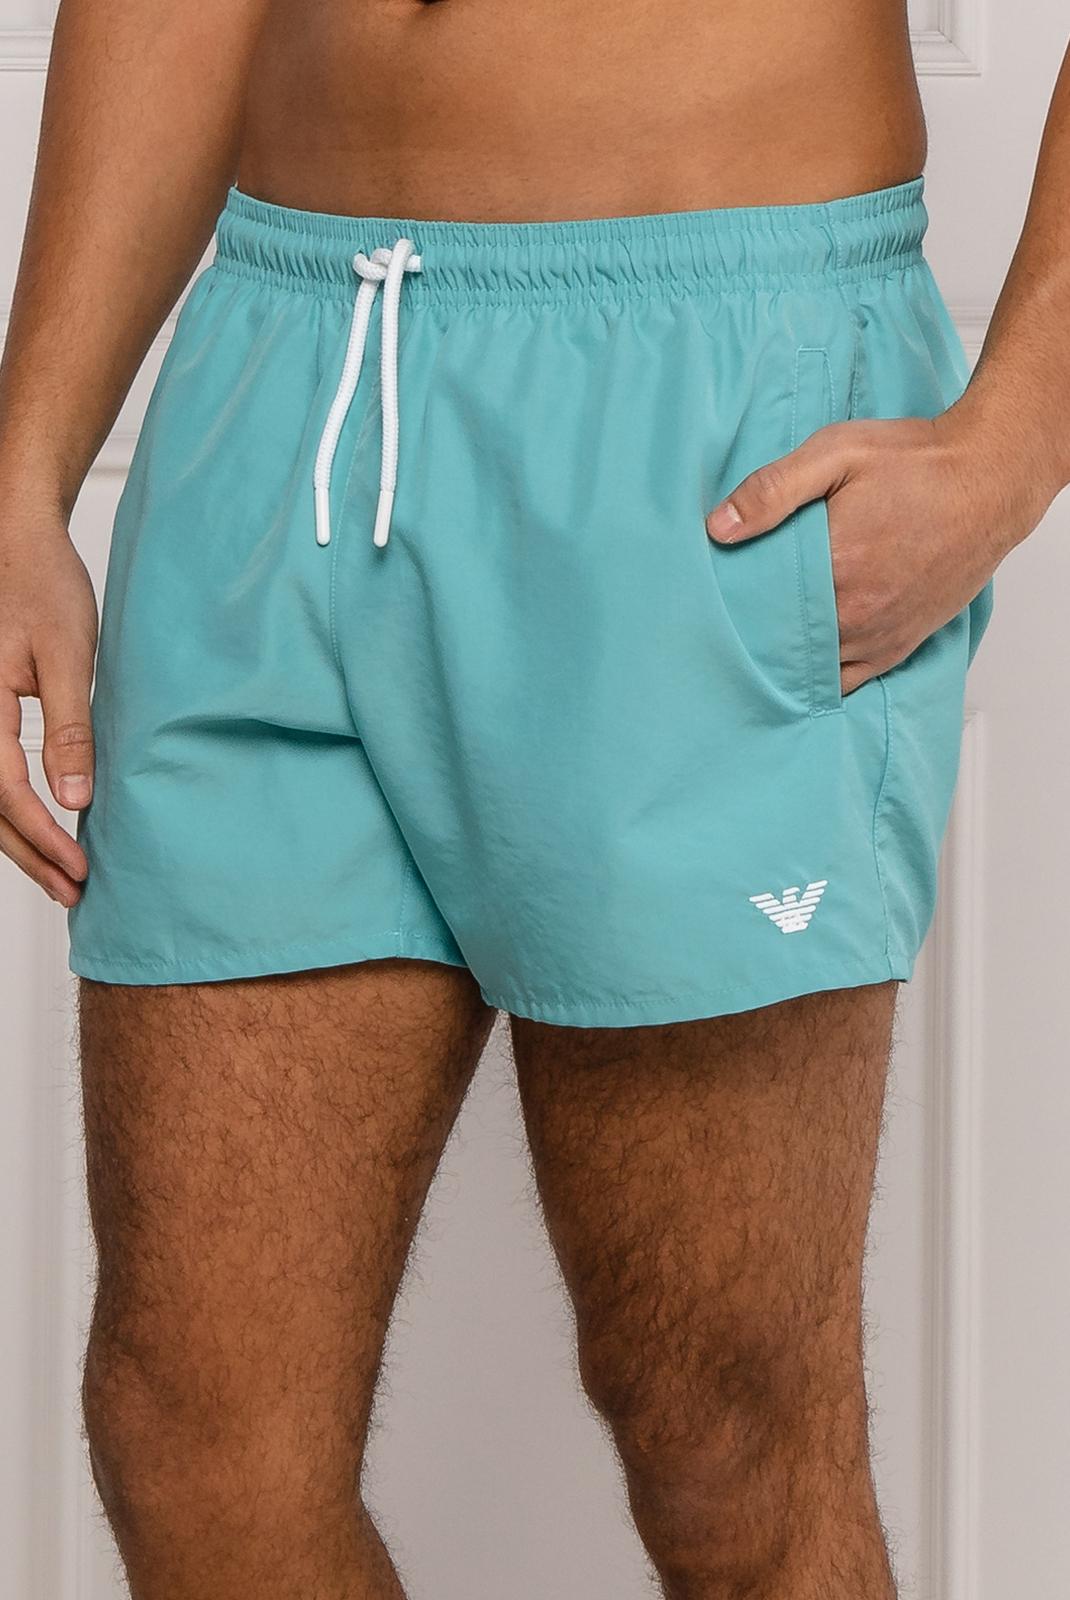 Shorts de bain  Emporio armani 211752 0P438 13833